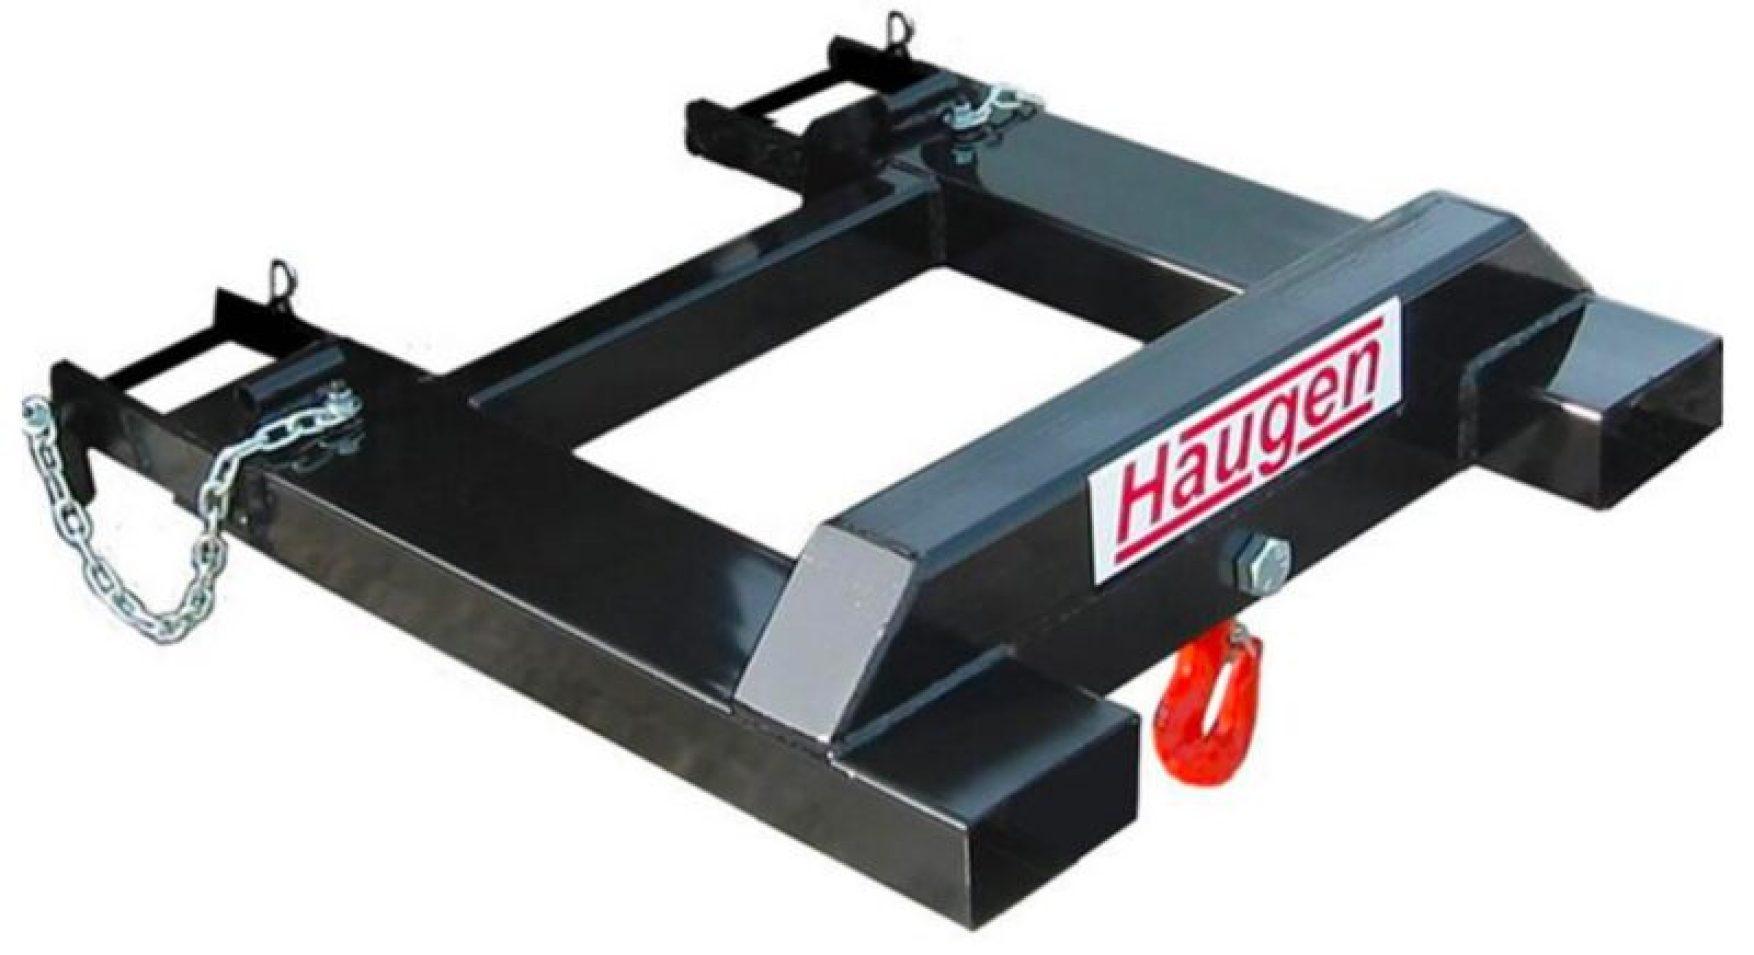 Haugen_Swivel_Crane_Hook